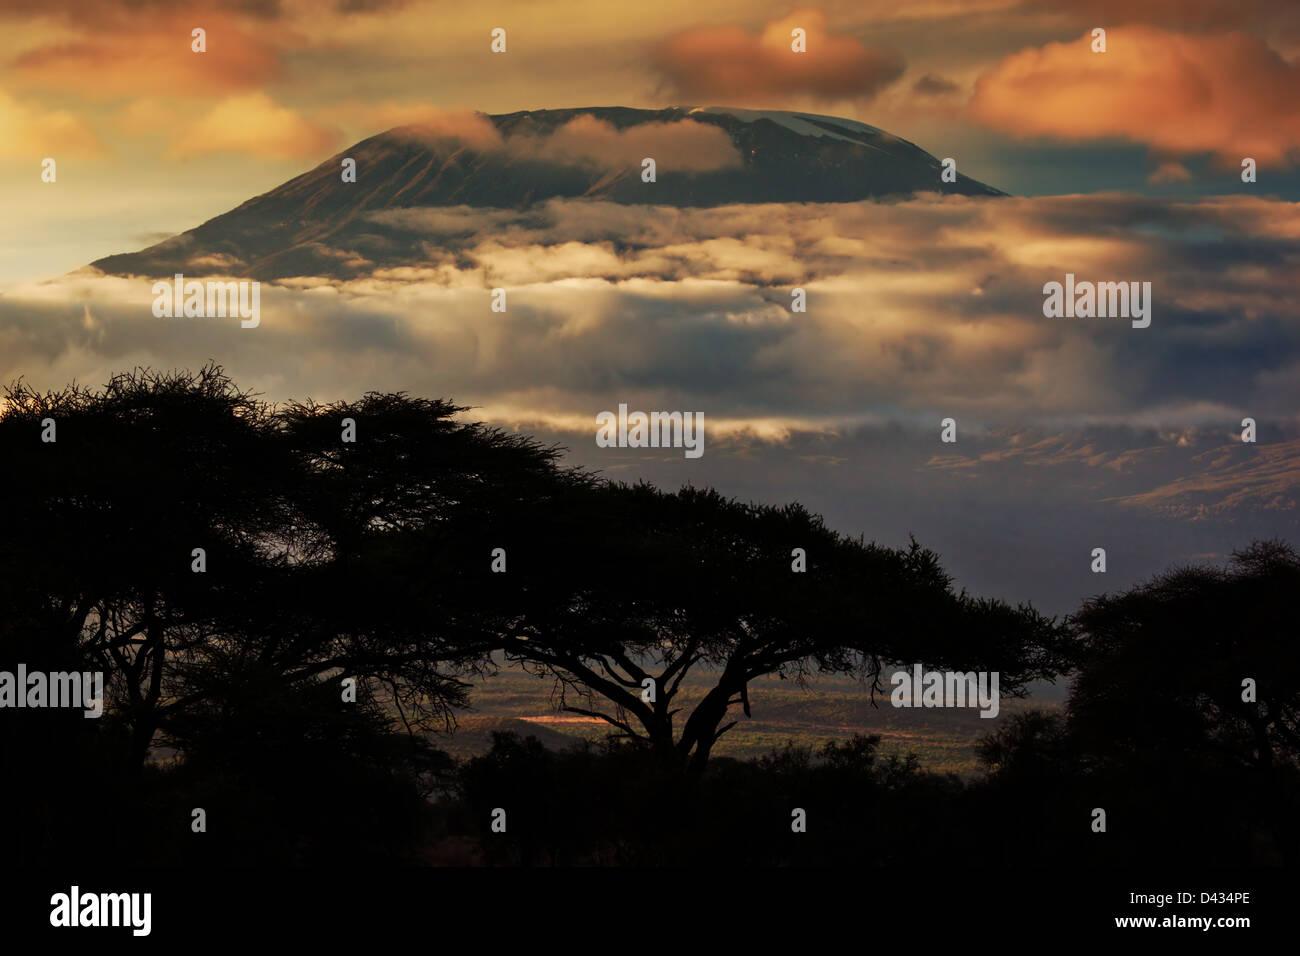 África horizontal - el Monte Kilimanjaro y línea de nubes al atardecer, vista desde el paisaje de sabana Imagen De Stock